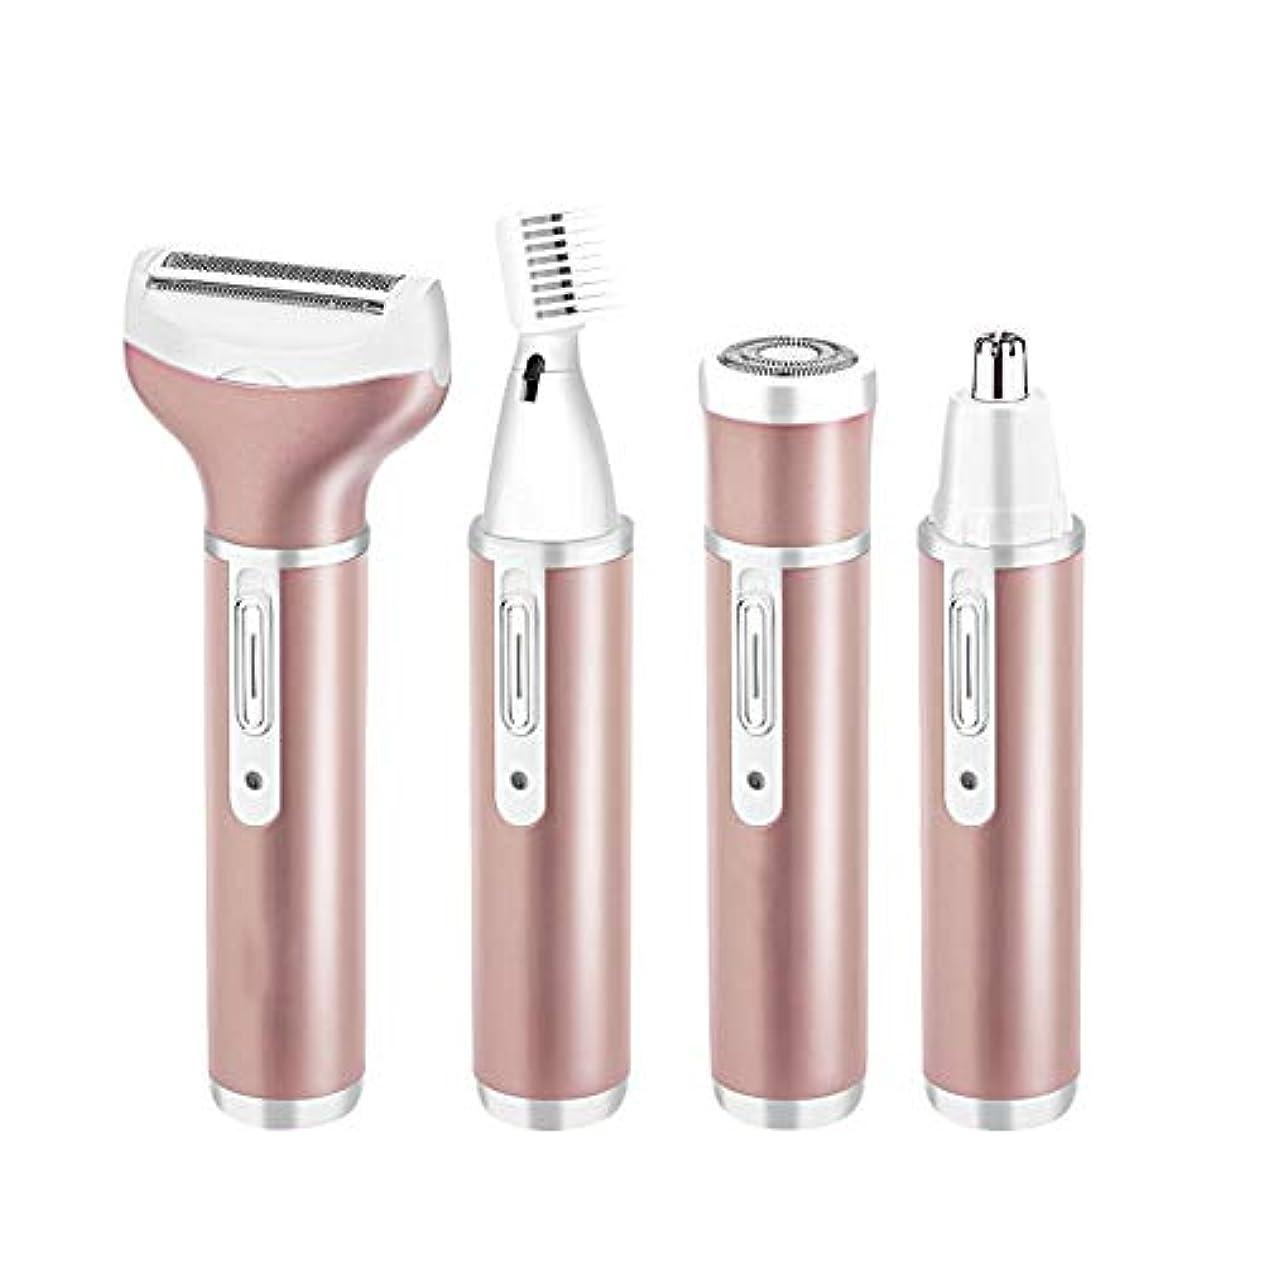 航空機本物提供脱毛シェーバー レディース 4in1 多機能 全身用脱毛器 USB充電式 シェーバー 使用簡単 便利 鼻毛 眉毛カッター 美容ツール